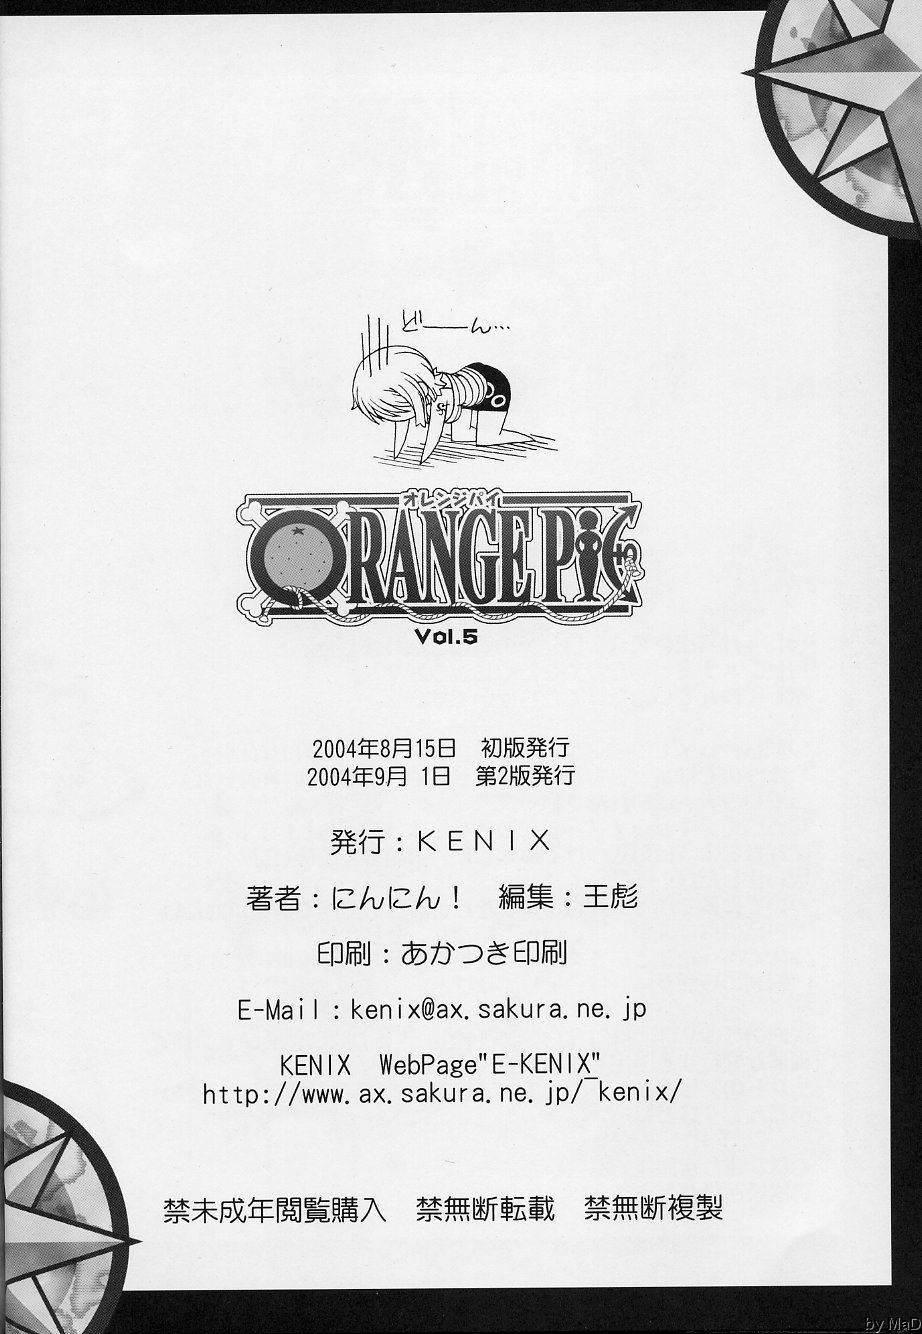 ORANGE PIE vol.5 32